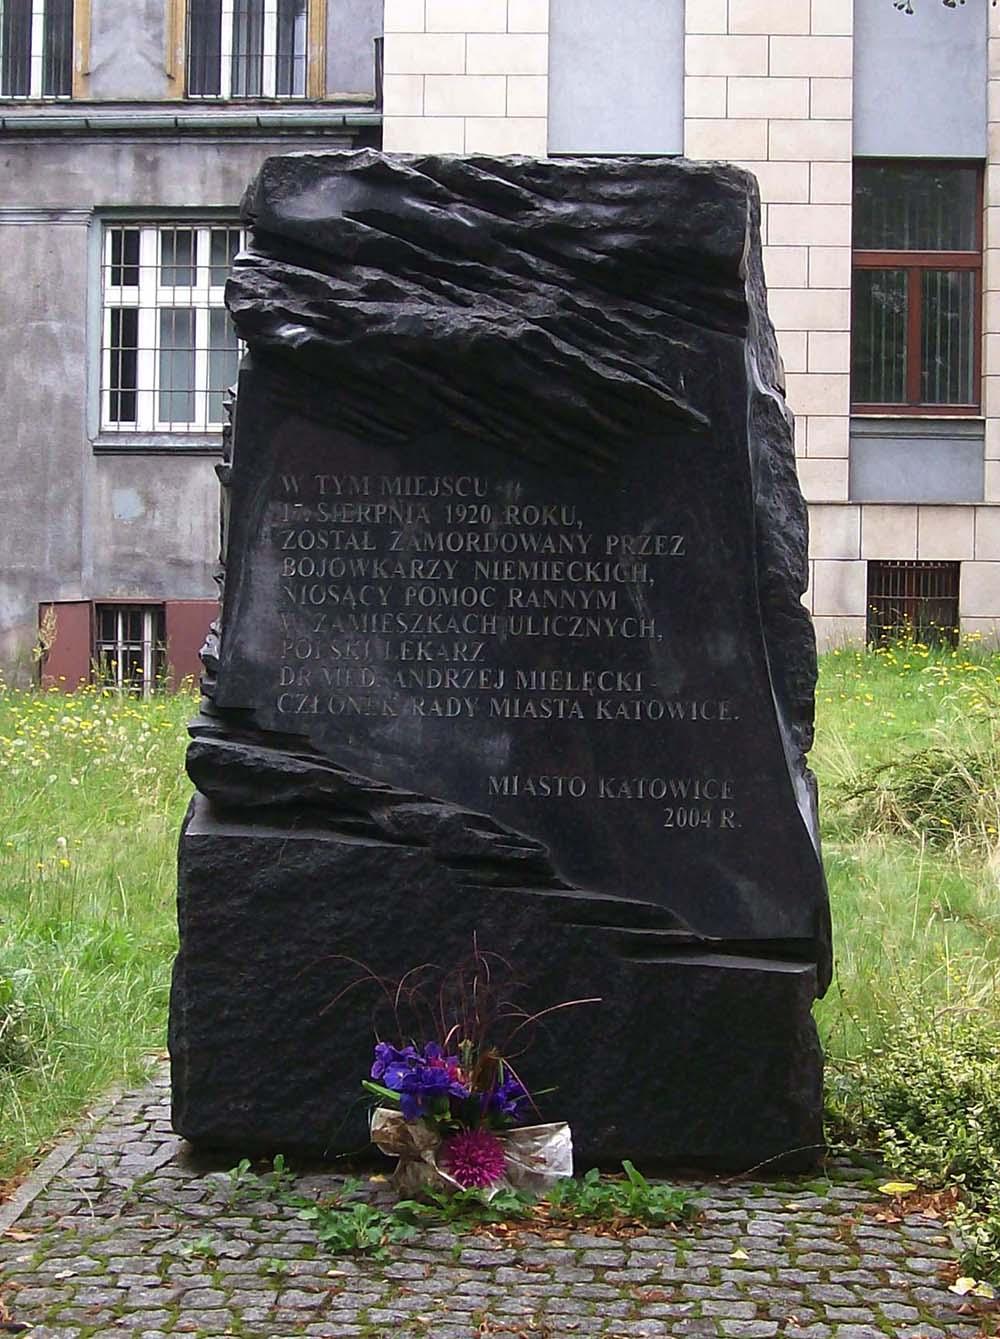 Memorial Murder of Andrzej Mielecki